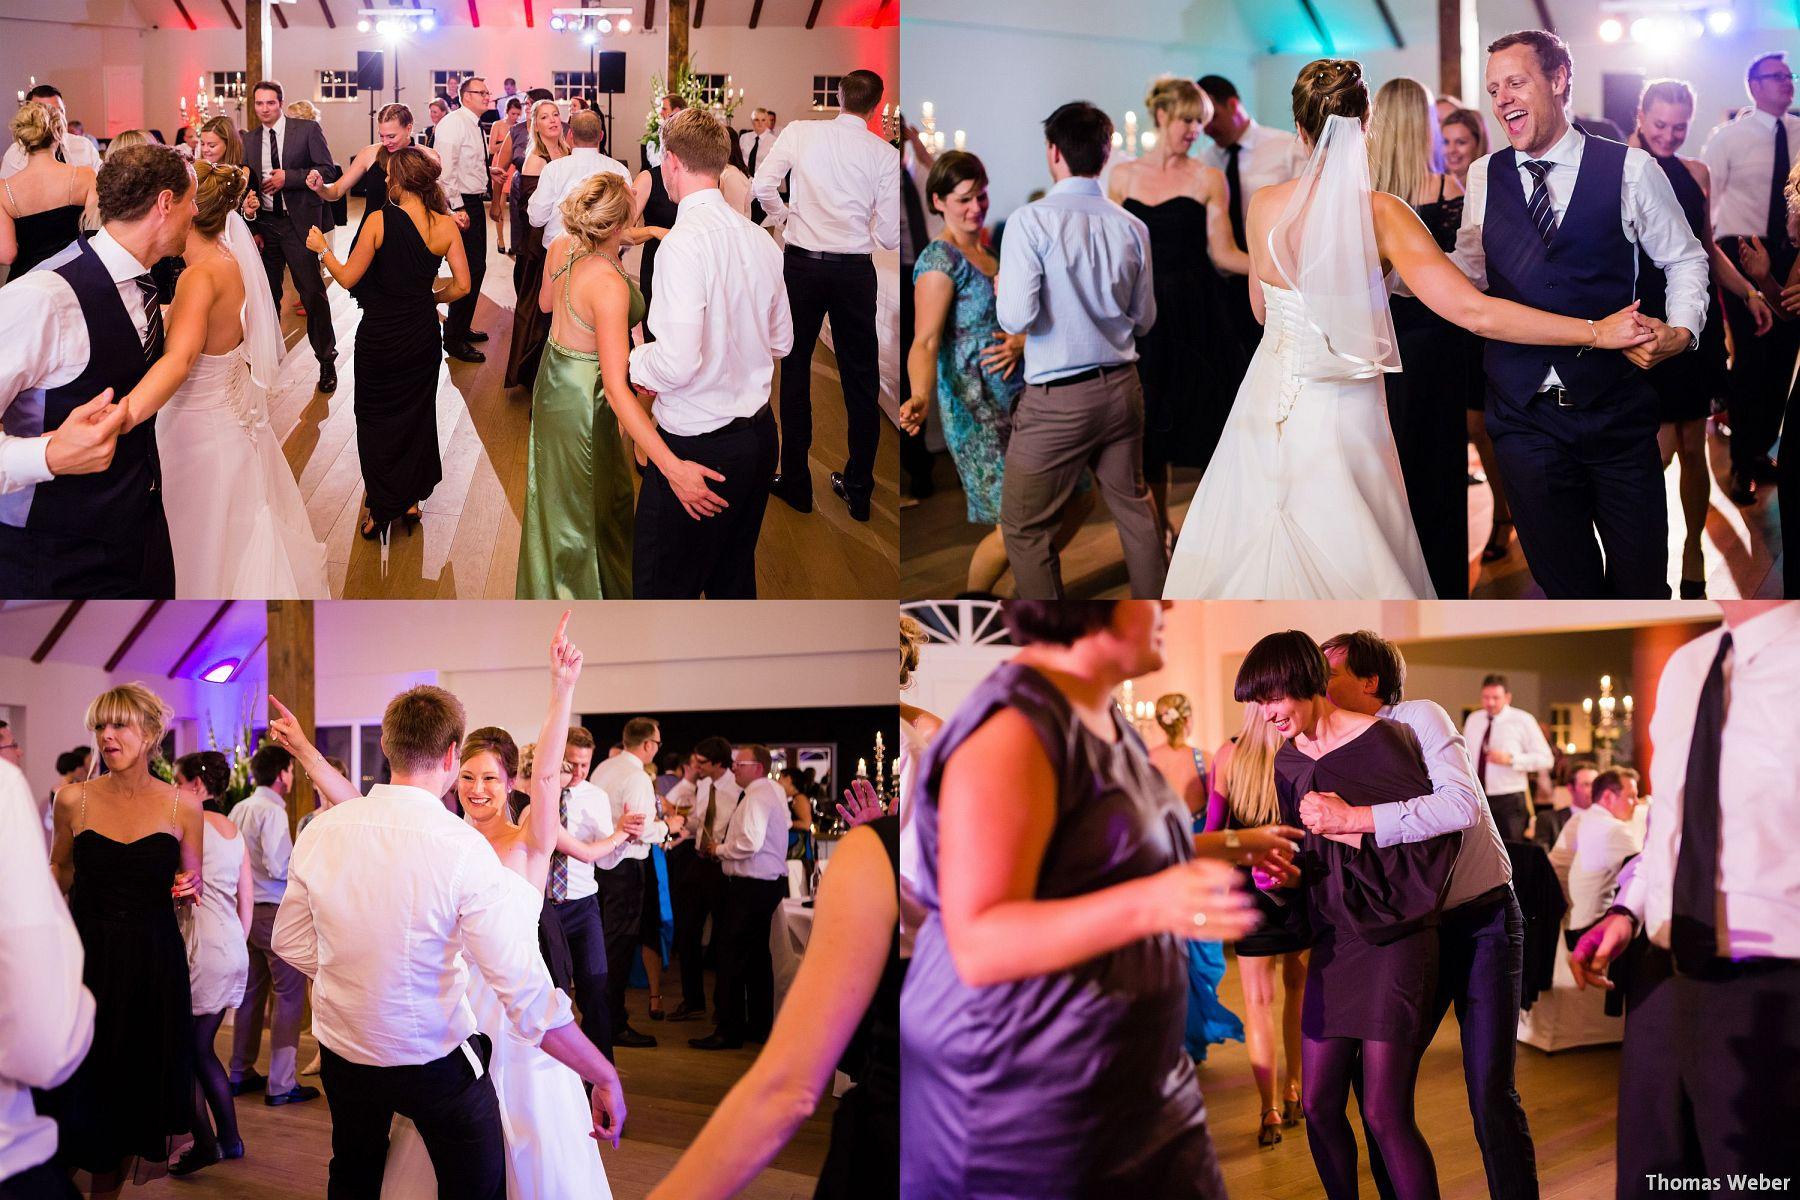 Hochzeitsfotograf Rastede: Kirchliche Trauung in der St. Ulrichs Kirche Rastede und Hochzeitsfeier in der Eventscheune St Georg Rastede mit dem Catering von Michael Niebuhr aus Oldenburg (53)